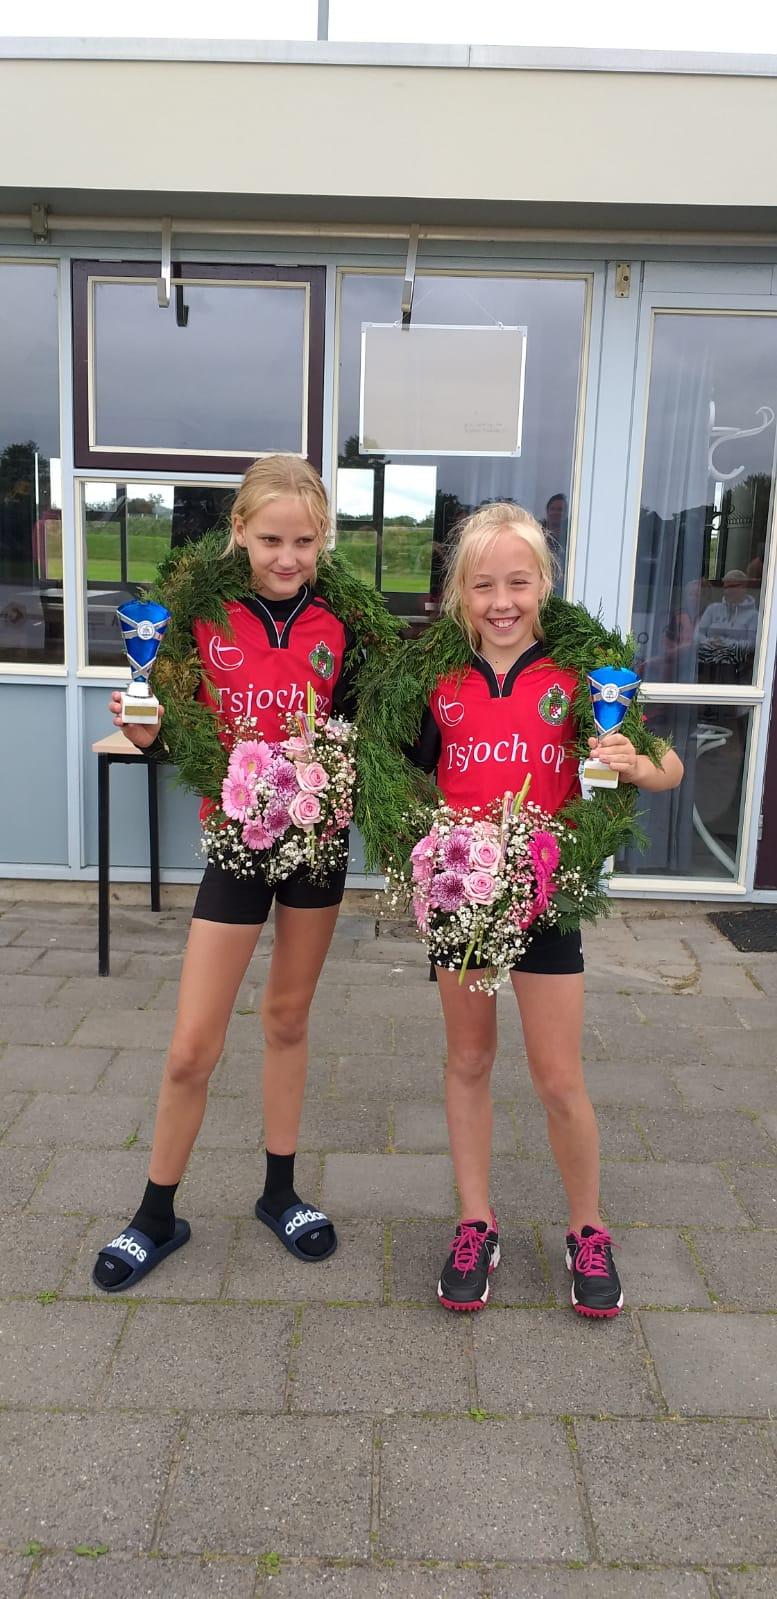 Welpenmeisjes winnaars